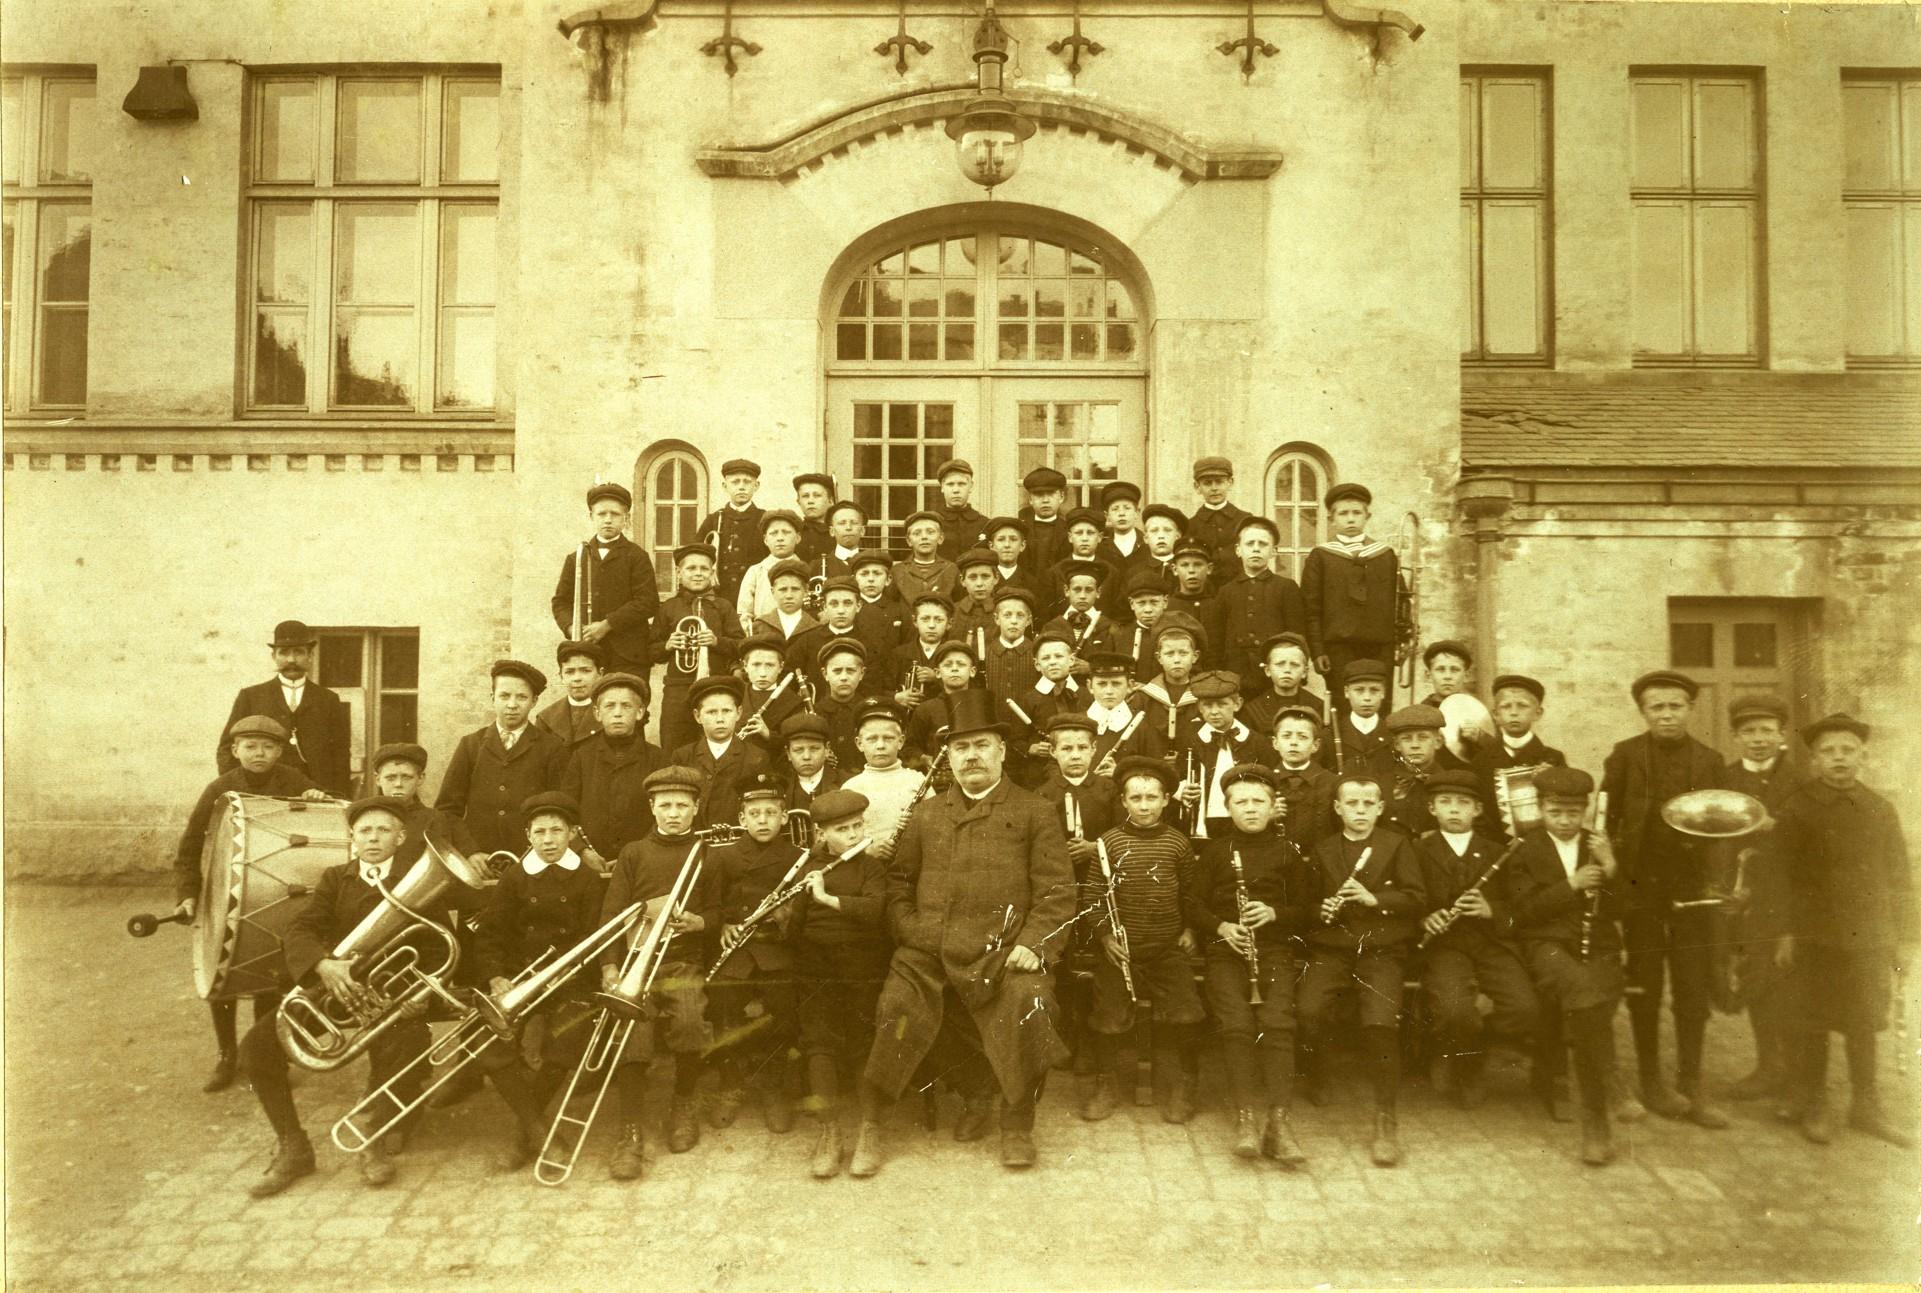 peikbilder_1914_korpset_gruppebilde.jpg